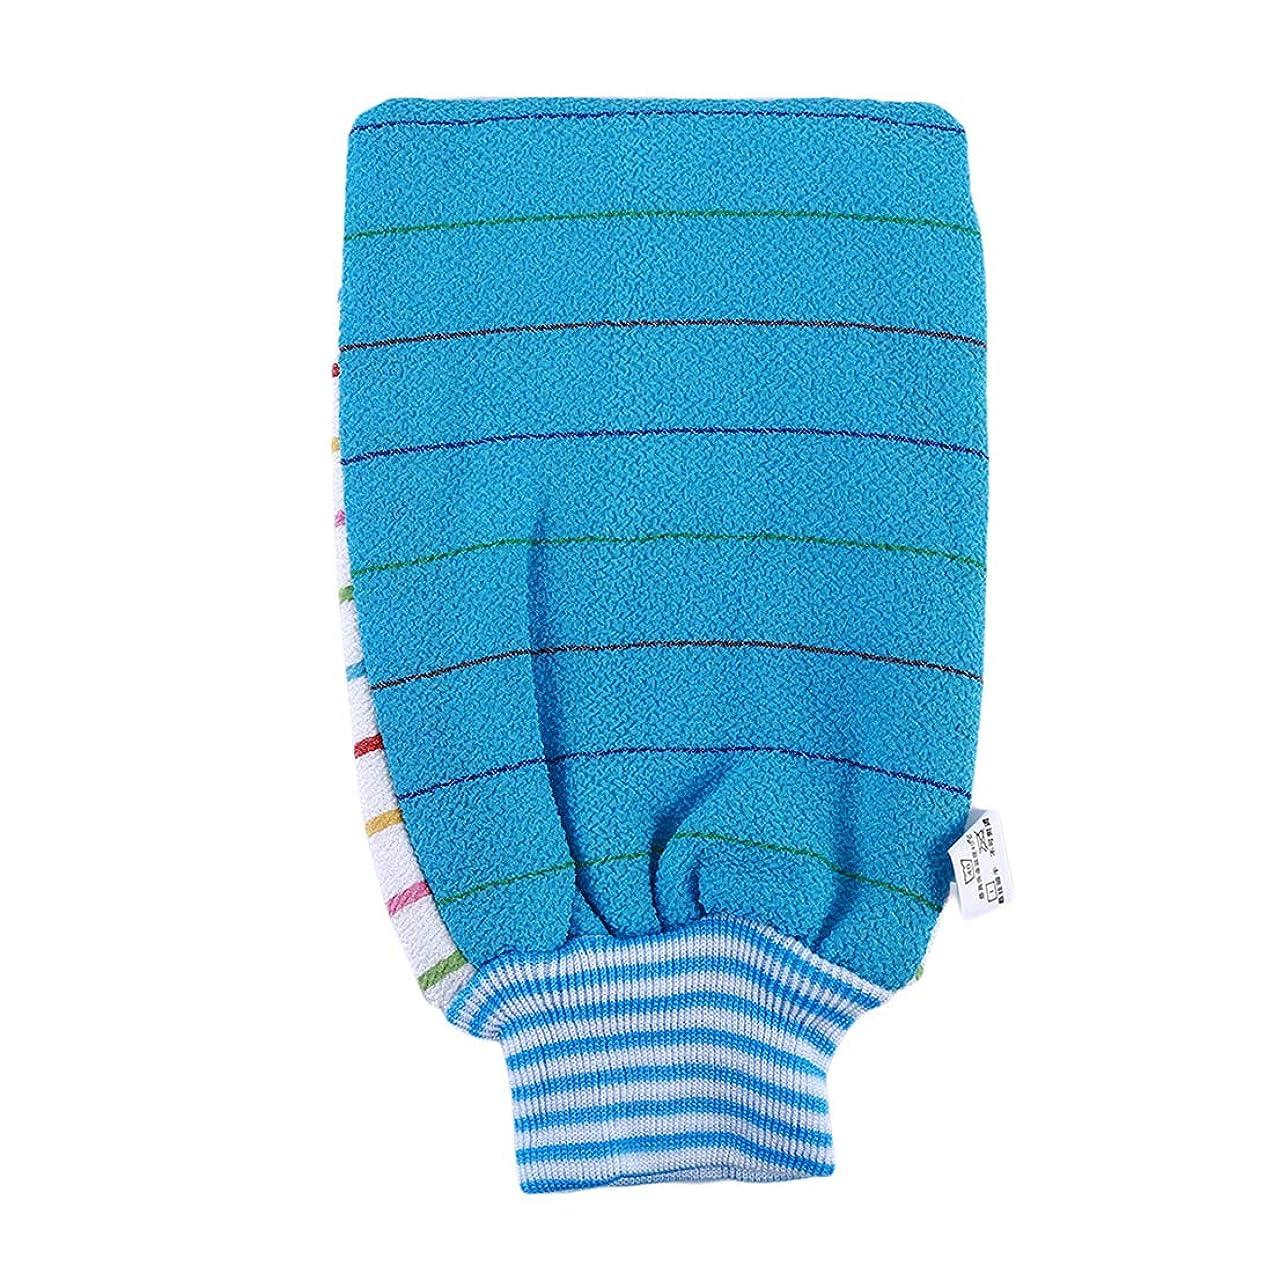 無礼にしおれた電話をかけるKLUMA 浴用手袋 ボディ手袋 ボディタオル 垢すり用グローブ 毛穴清潔 角質除去 入浴用品 ブルー